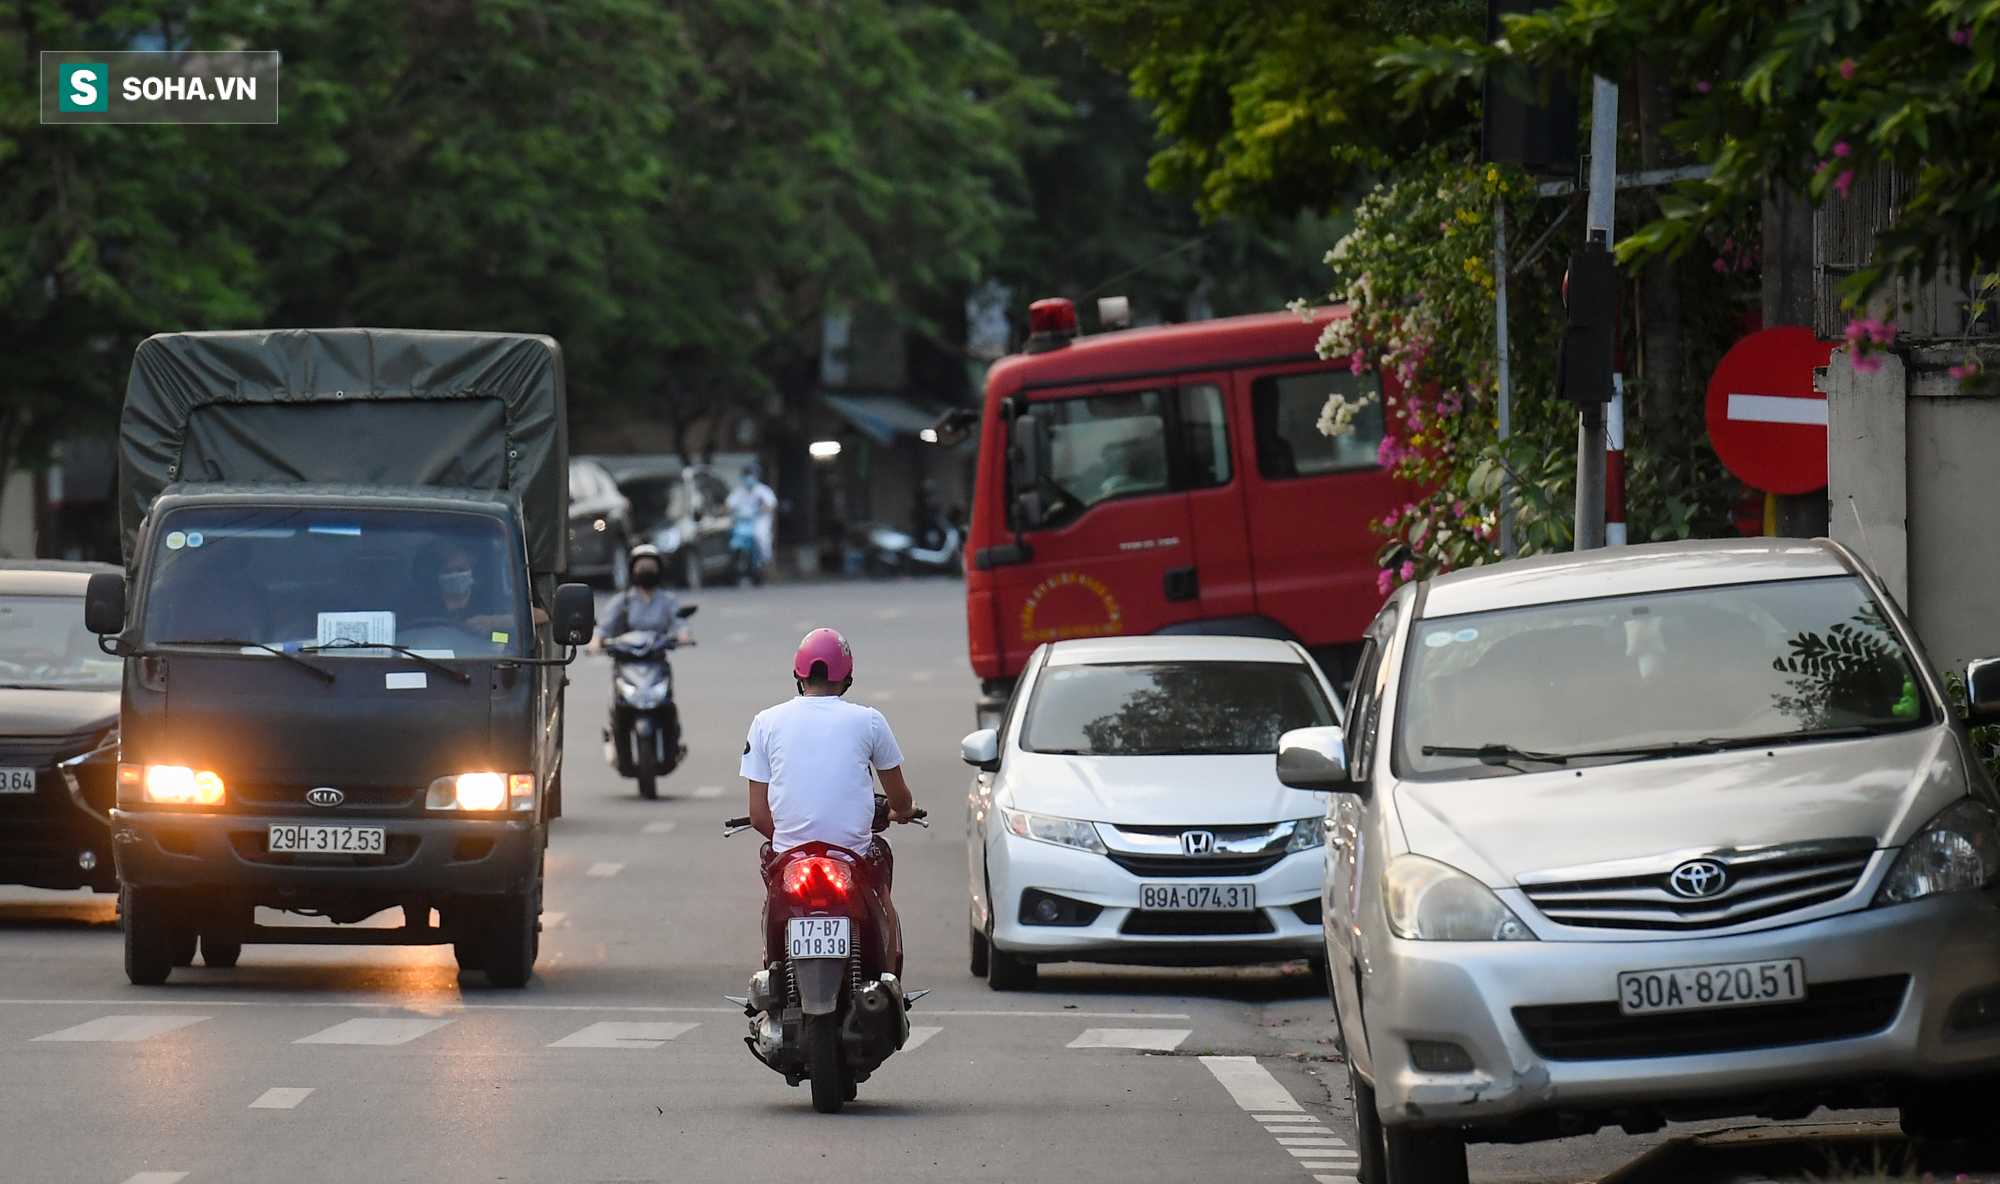 Ra đường mùa dịch: Nhiều người ở Hà Nội nhớ khẩu trang nhưng quên luật giao thông - Ảnh 8.